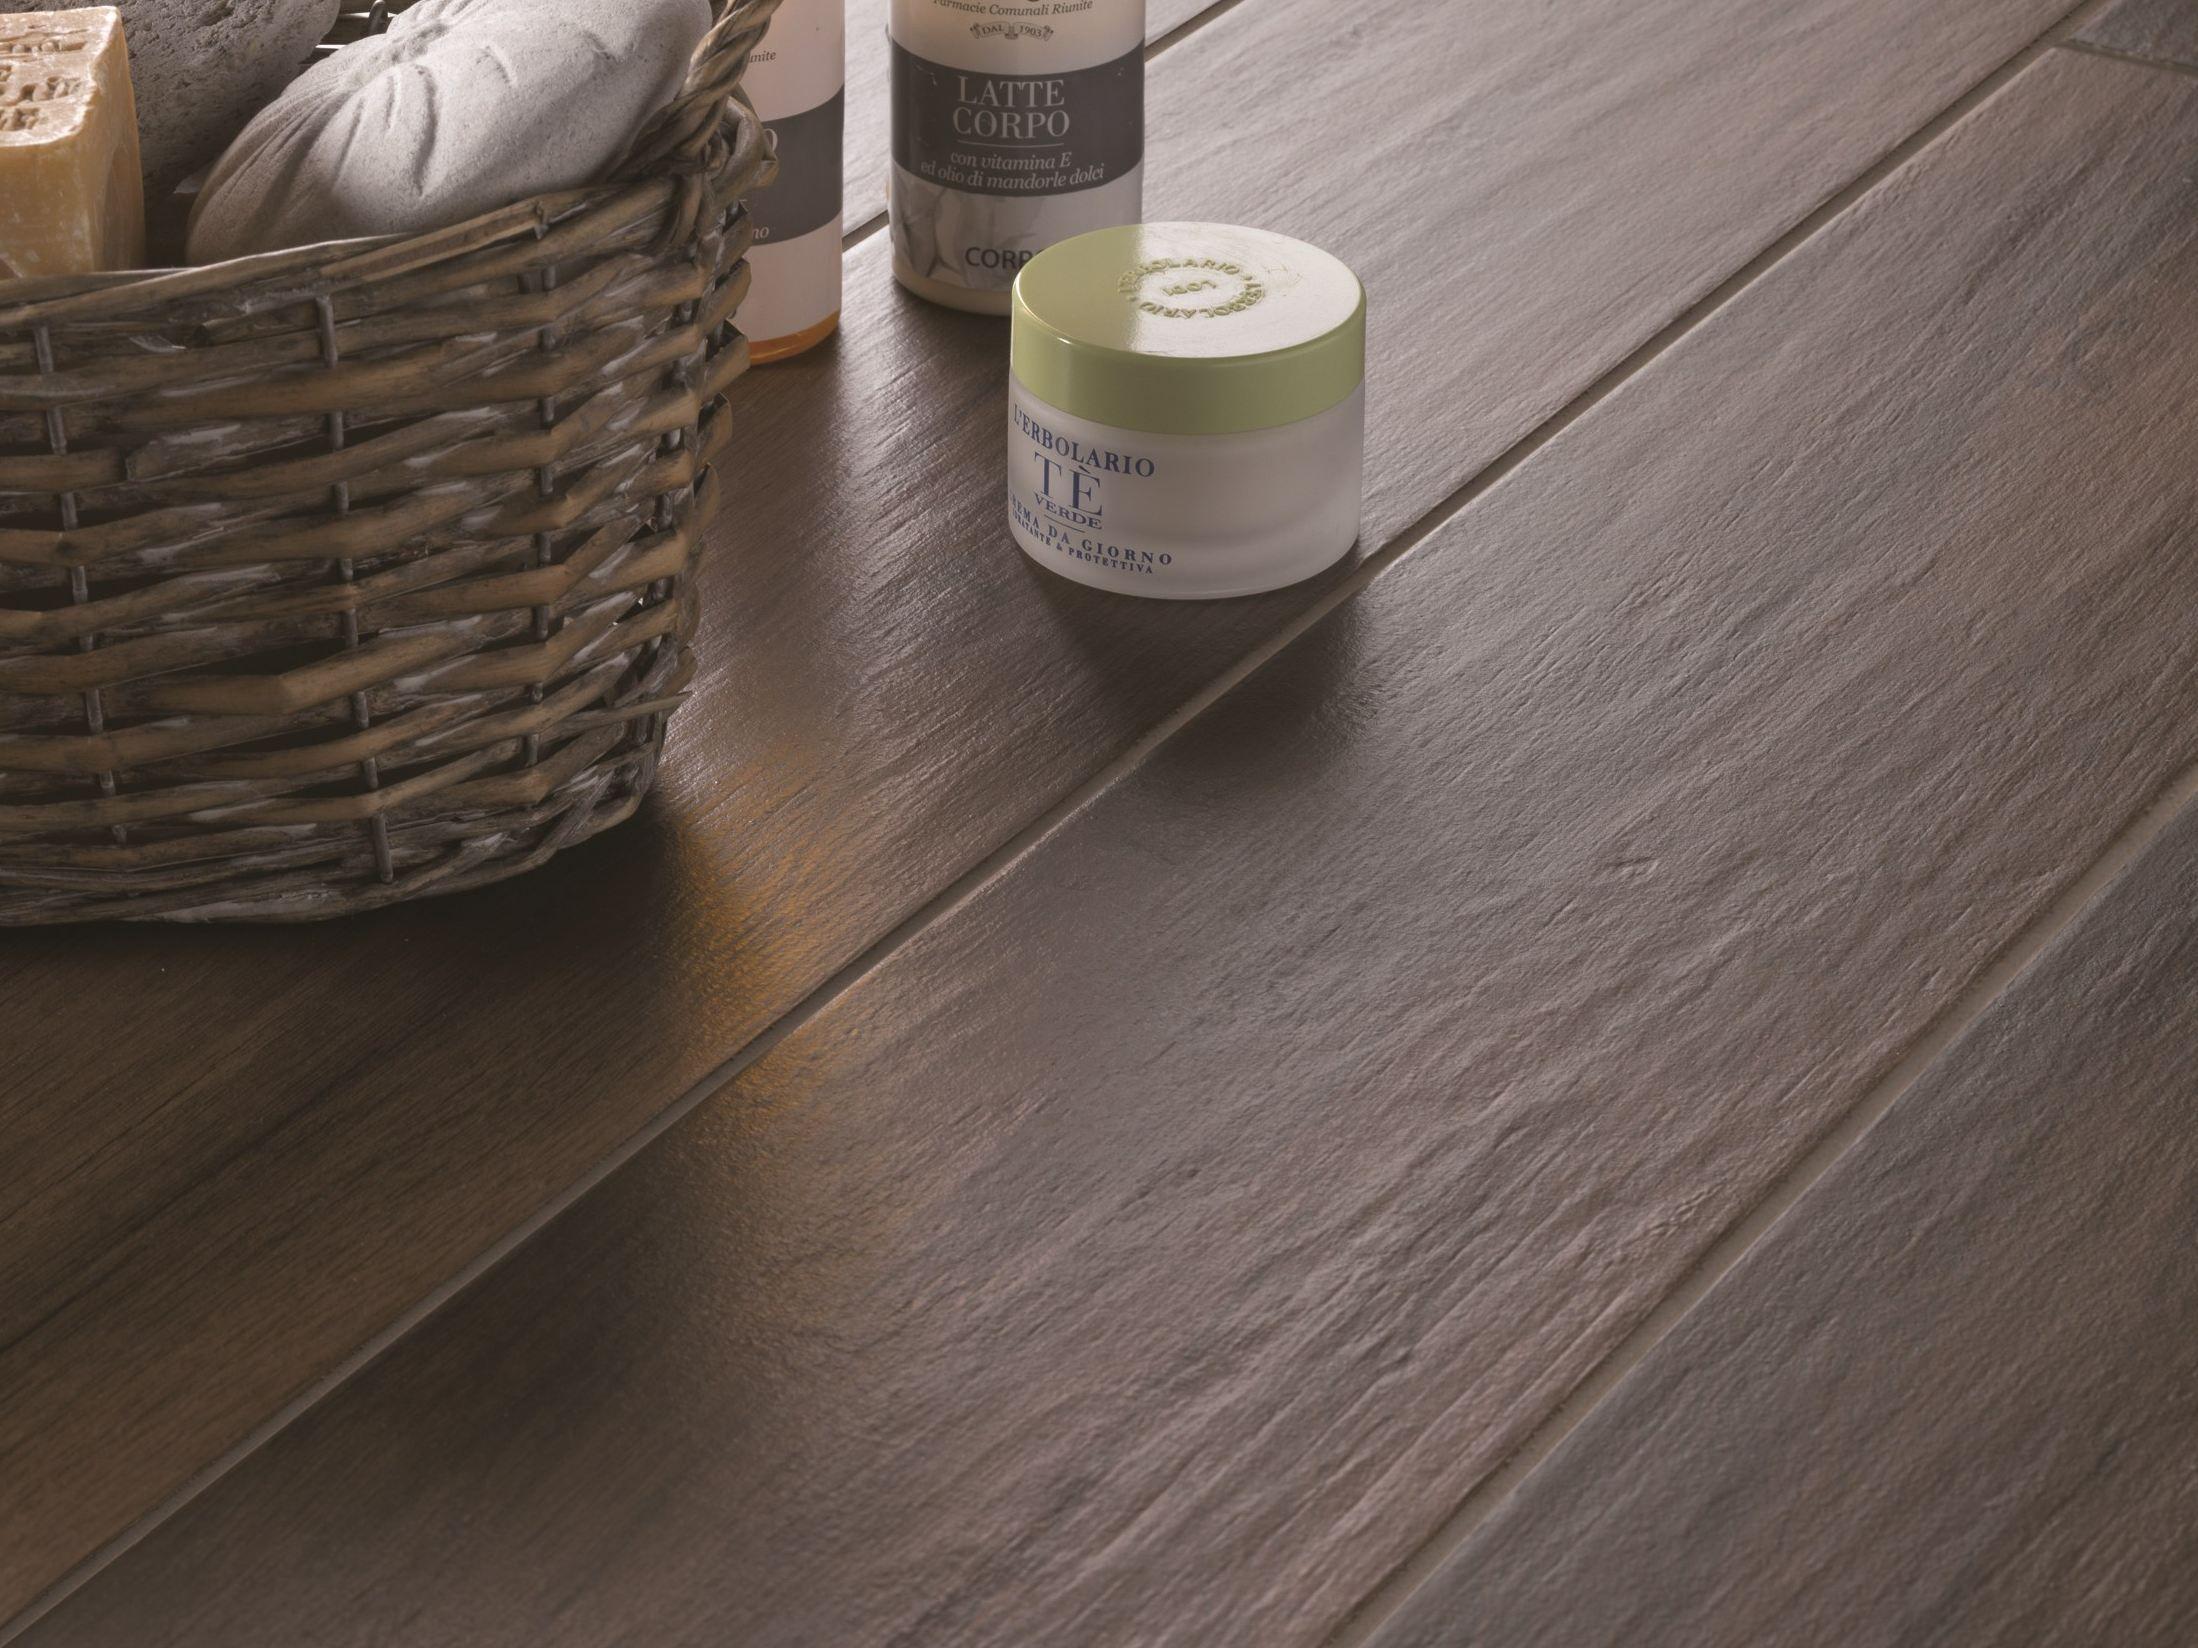 Pavimento de gres porcel nico esmaltado imitaci n madera for Pavimento imitacion madera